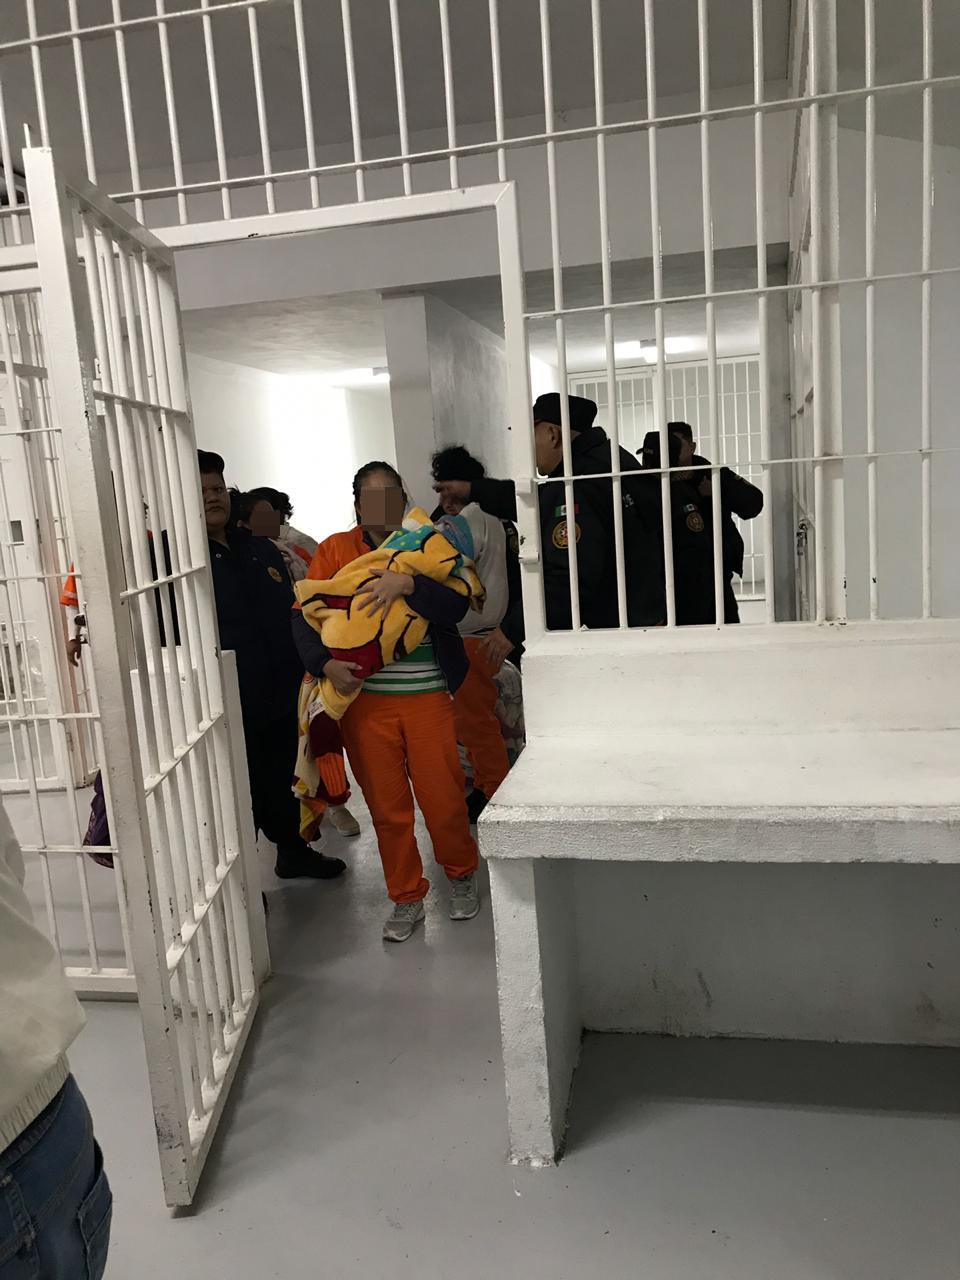 En México el 99% de los casos de pederastia quedan impunes